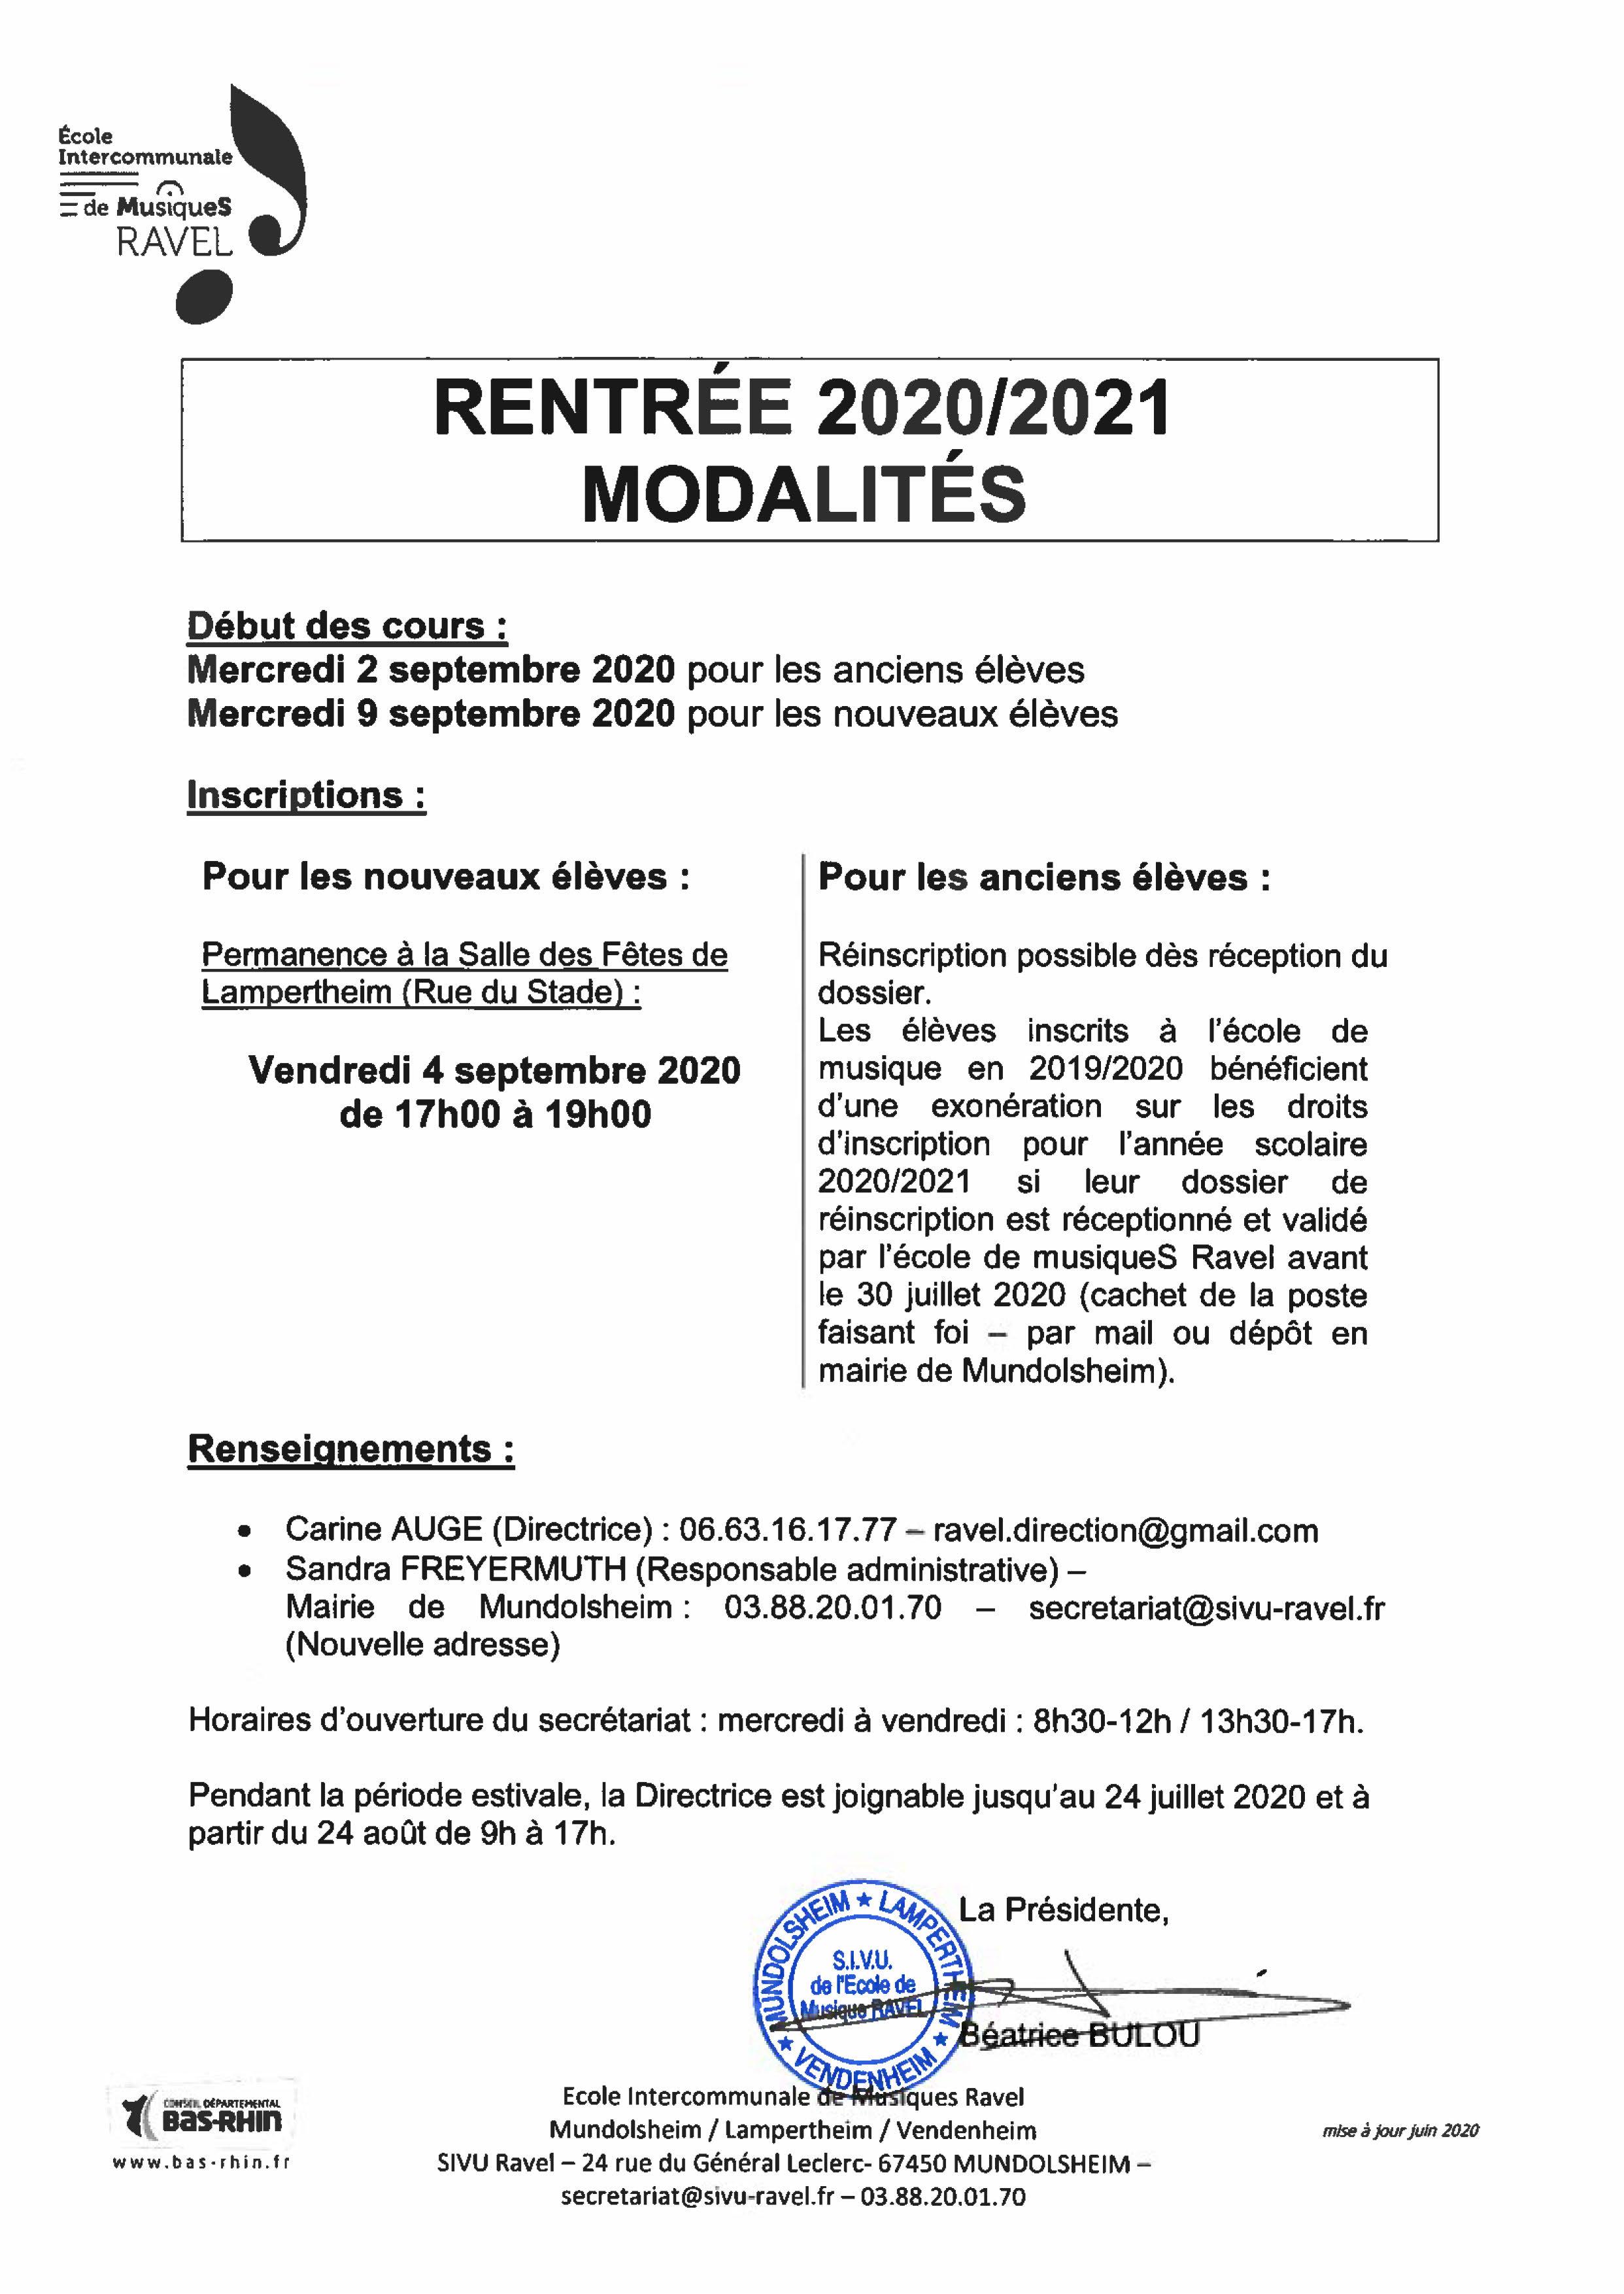 Ecole-de-musique_modalités-rentrée-2020-2021 (1)